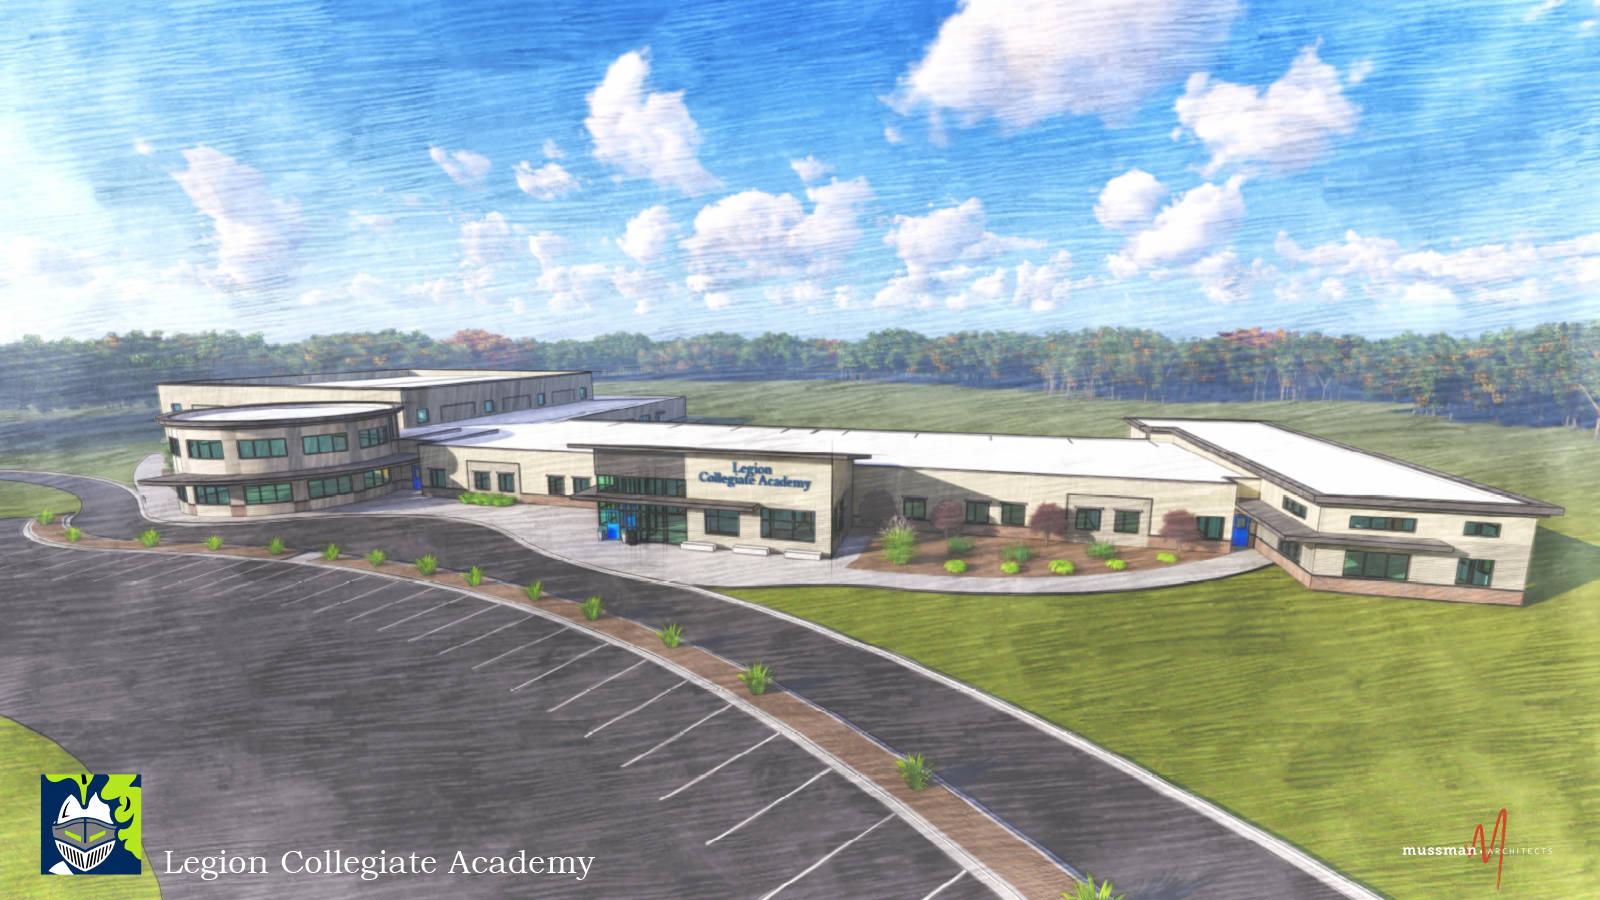 Legion Collegiate Academy